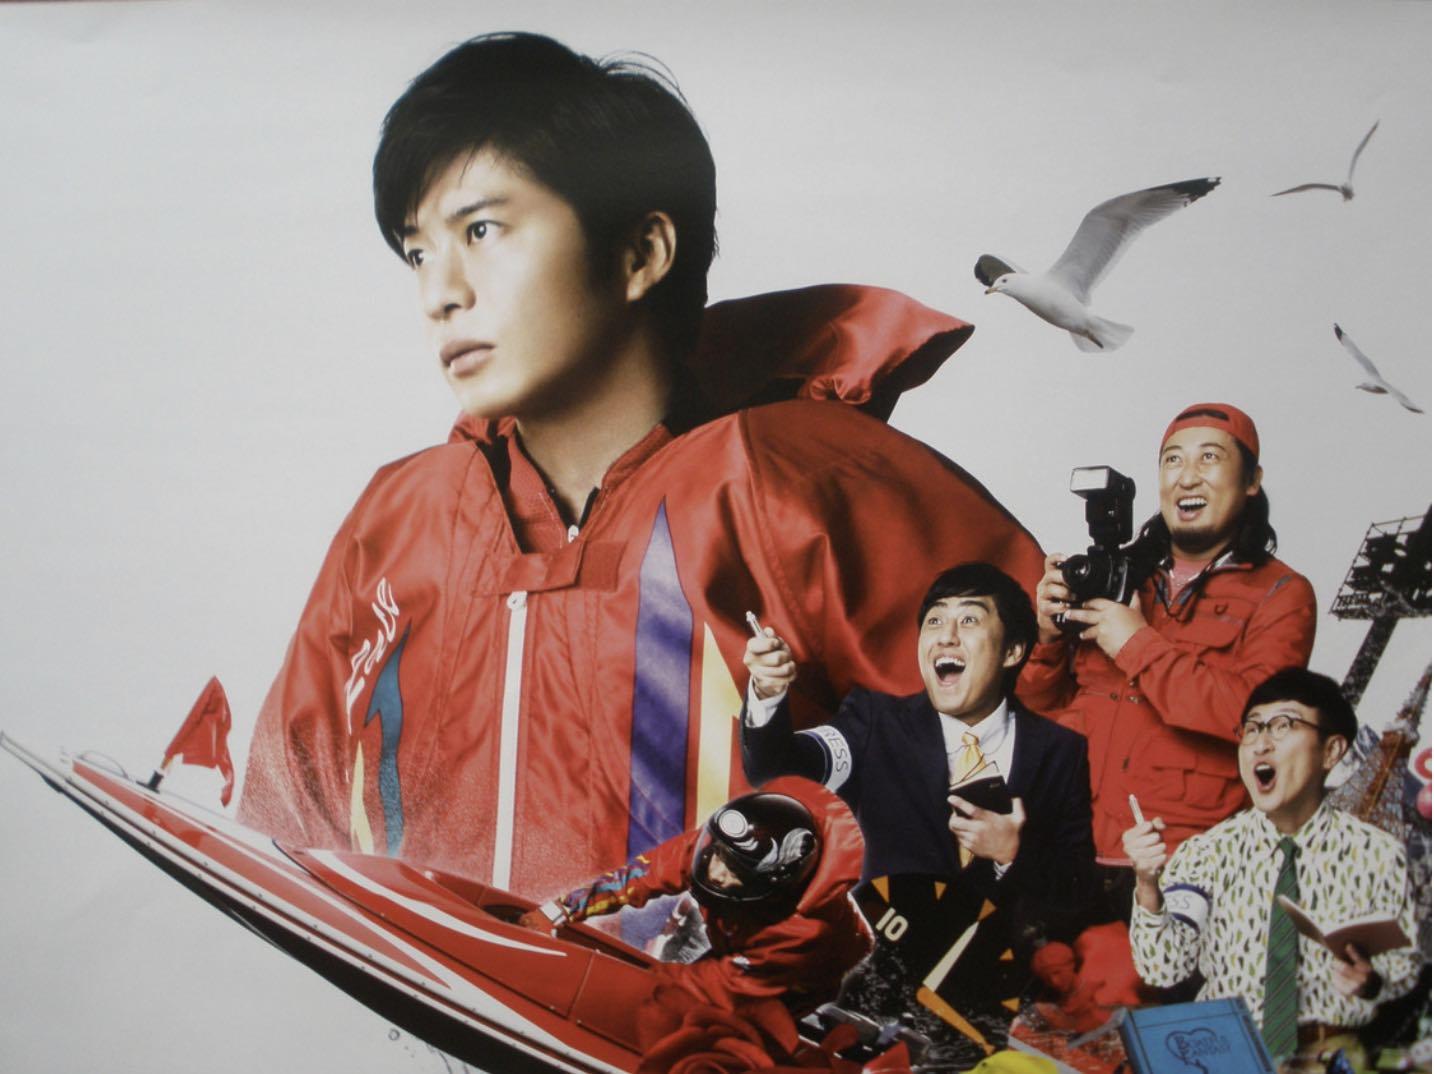 田中圭やロバートを起用する競艇ボートレースのCM